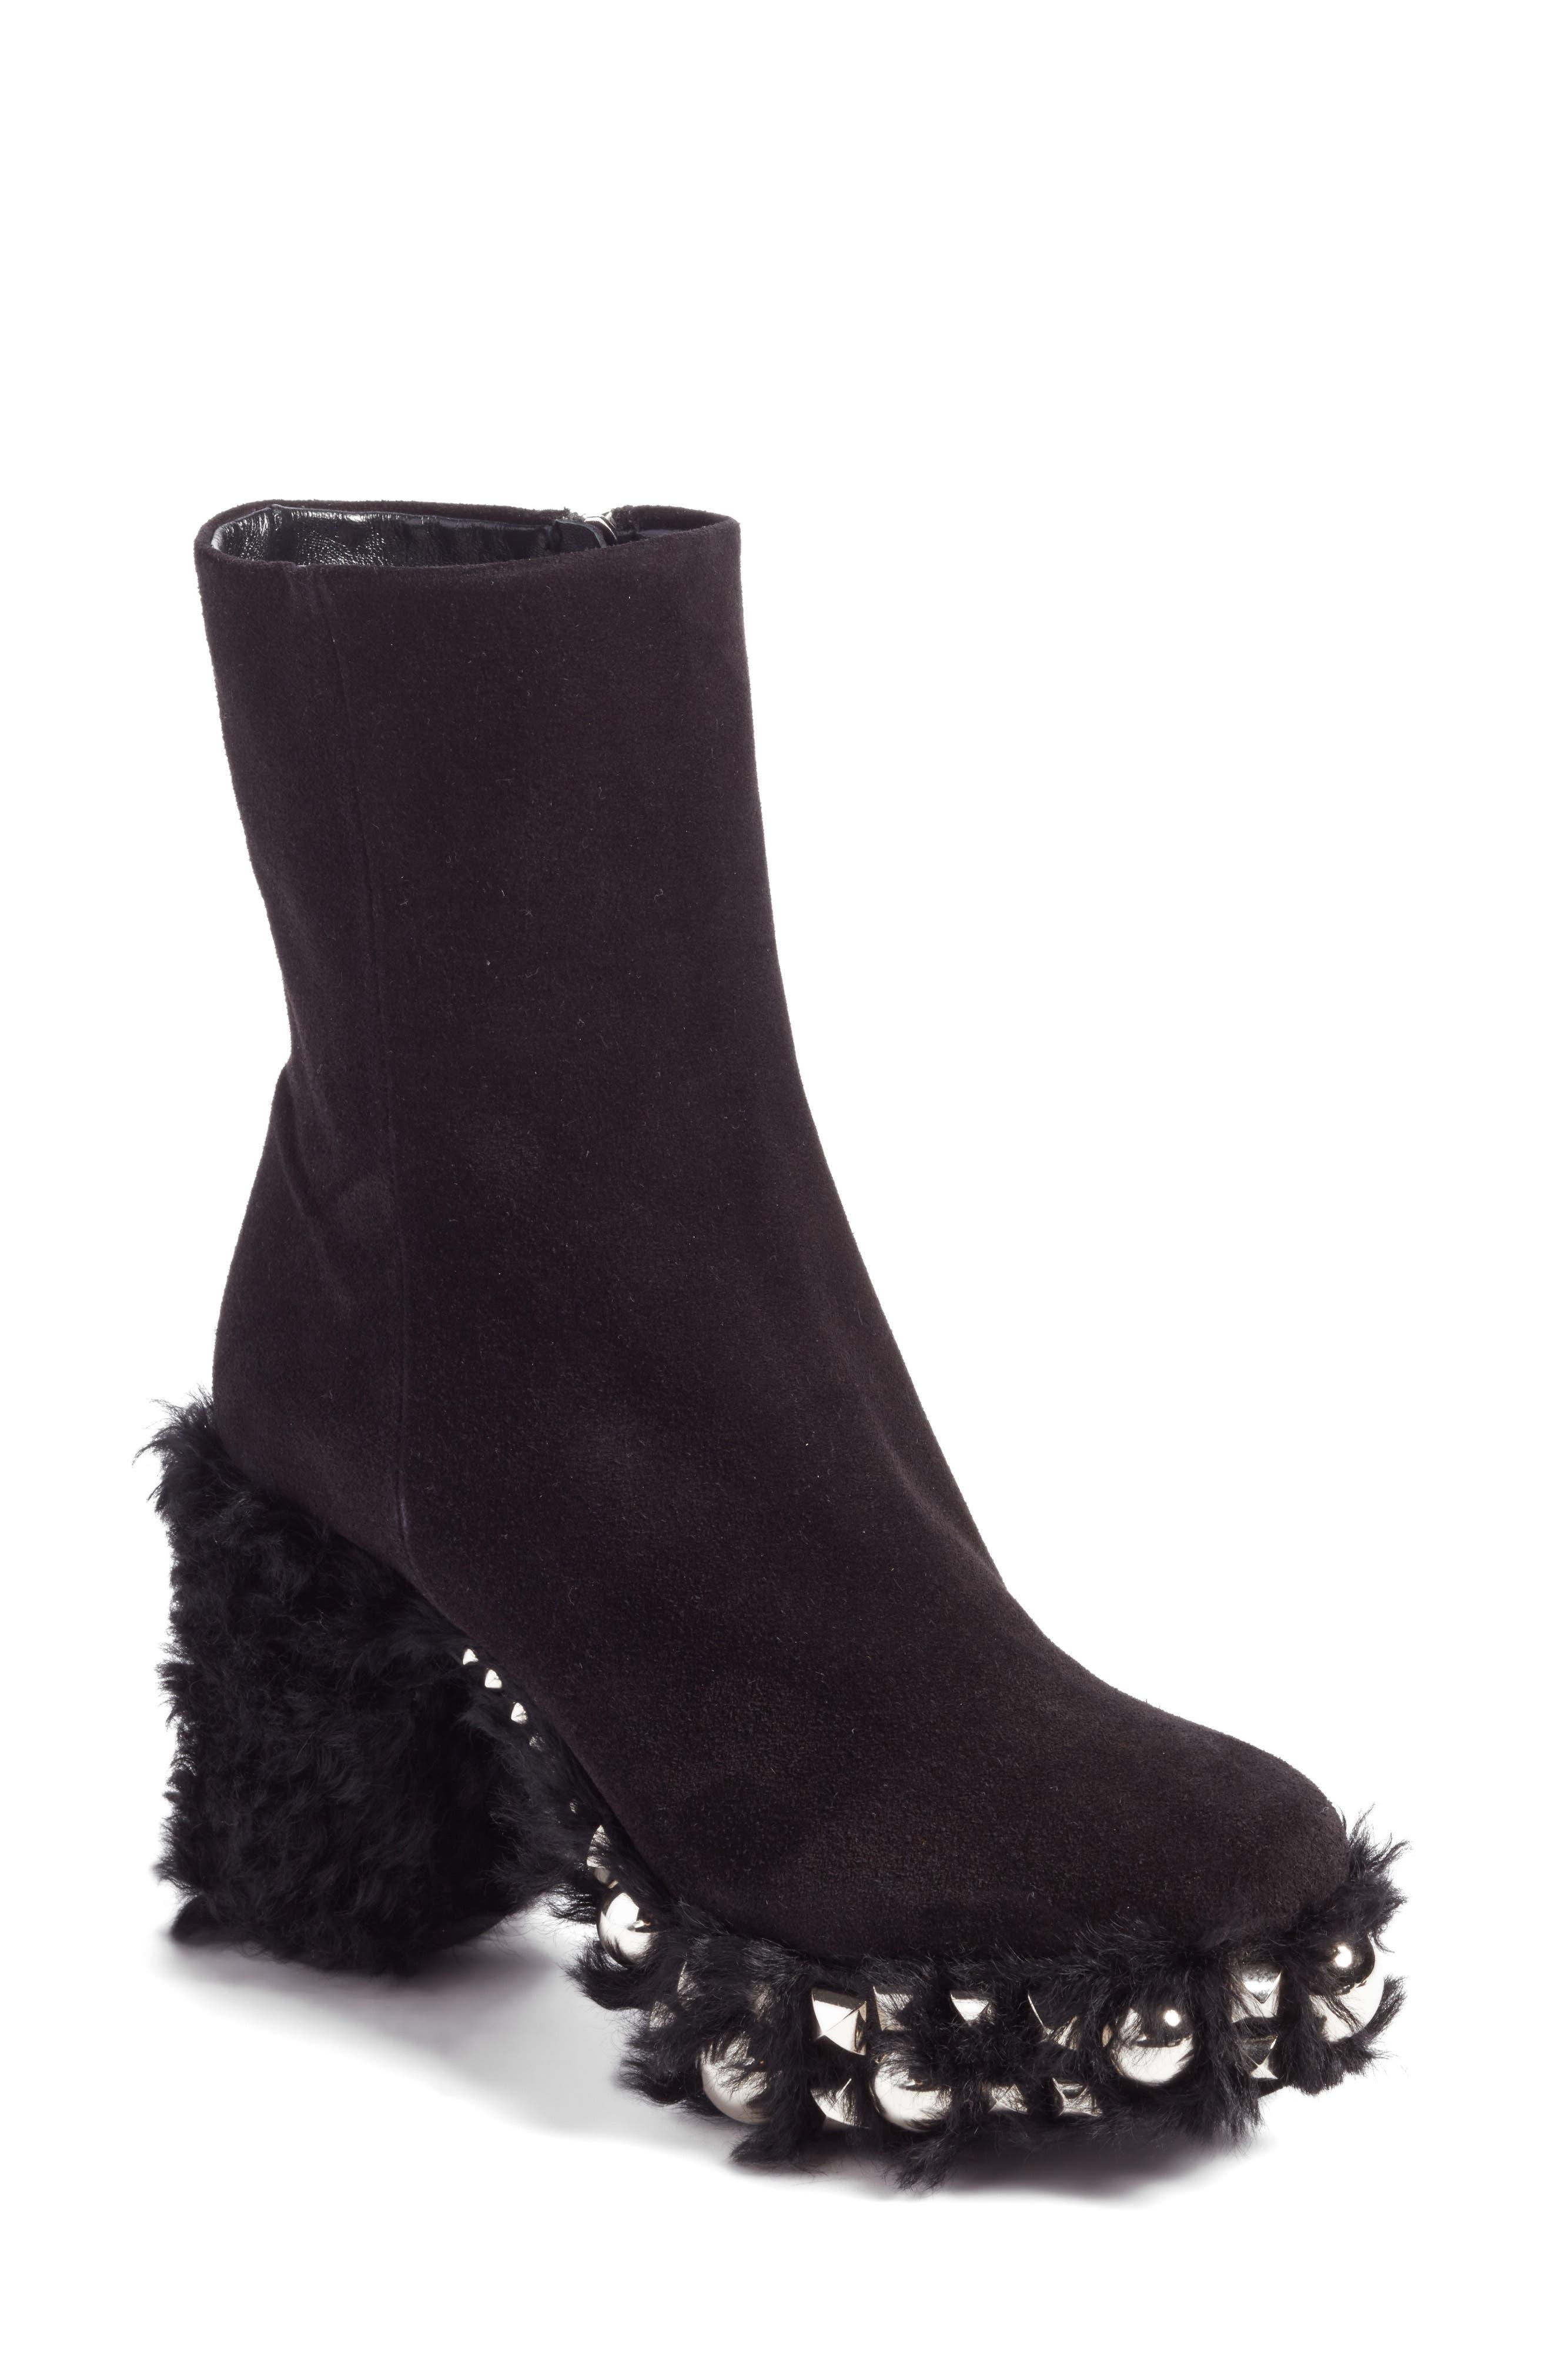 MIU MIU Studded Wool Trim Platform Bootie